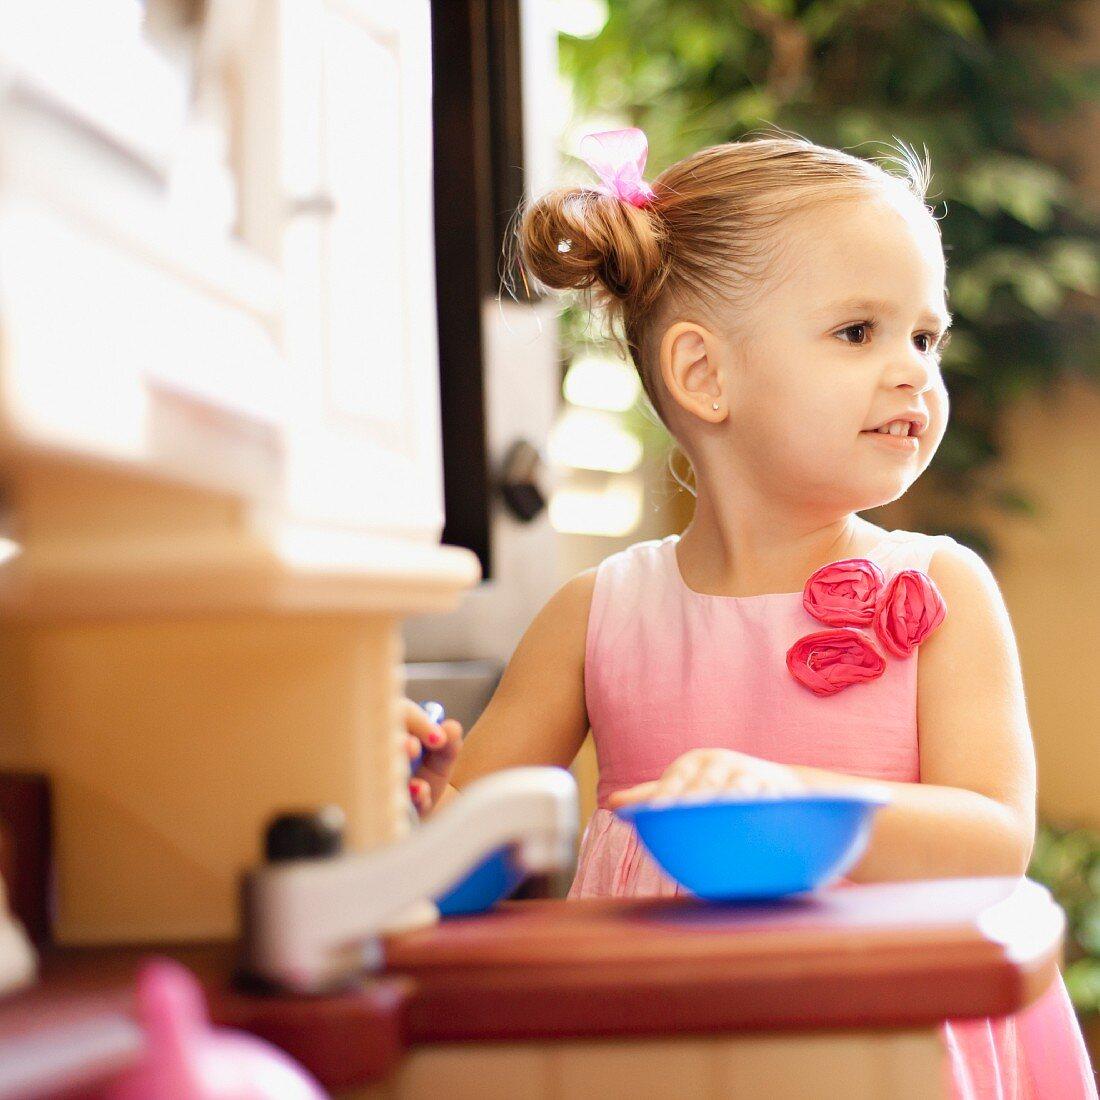 USA, Arizona, Chandler, Girl (2-3) wearing pink dress playing outdoors